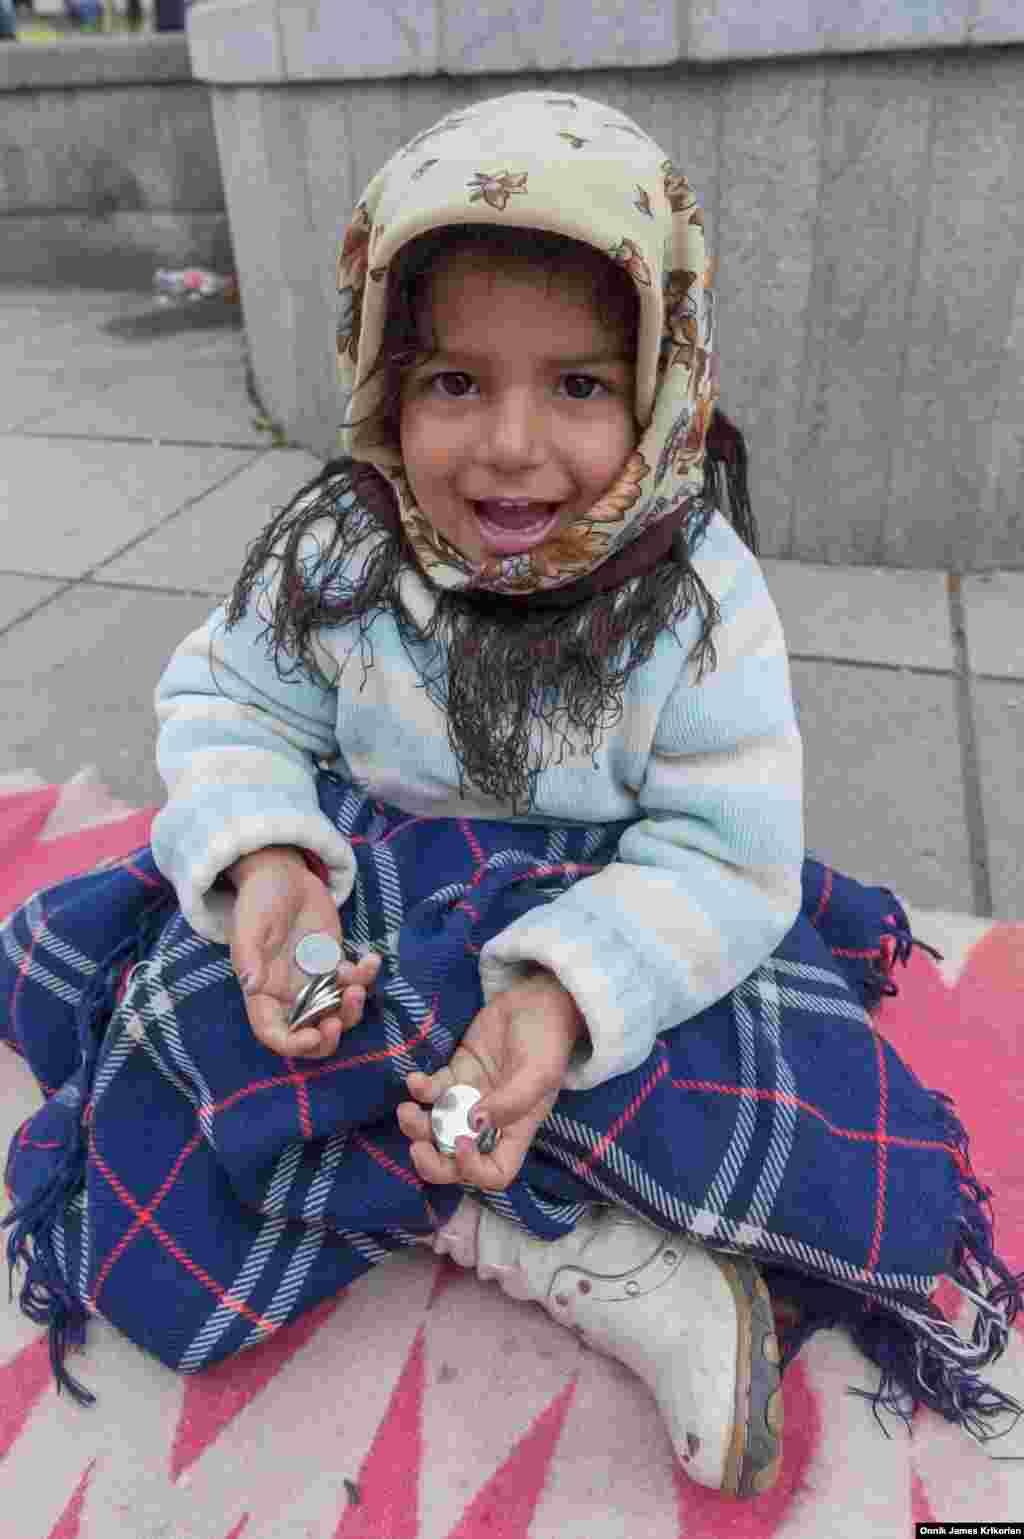 UNICEF разделяет беспризорных на три категории: дети, убежавшие из своих семей; дети, живущие на улице вместе с семьей; те, кто проводит большую часть своего времени на улицах попрошайничая. В Грузии третья категория - самая многочисленная